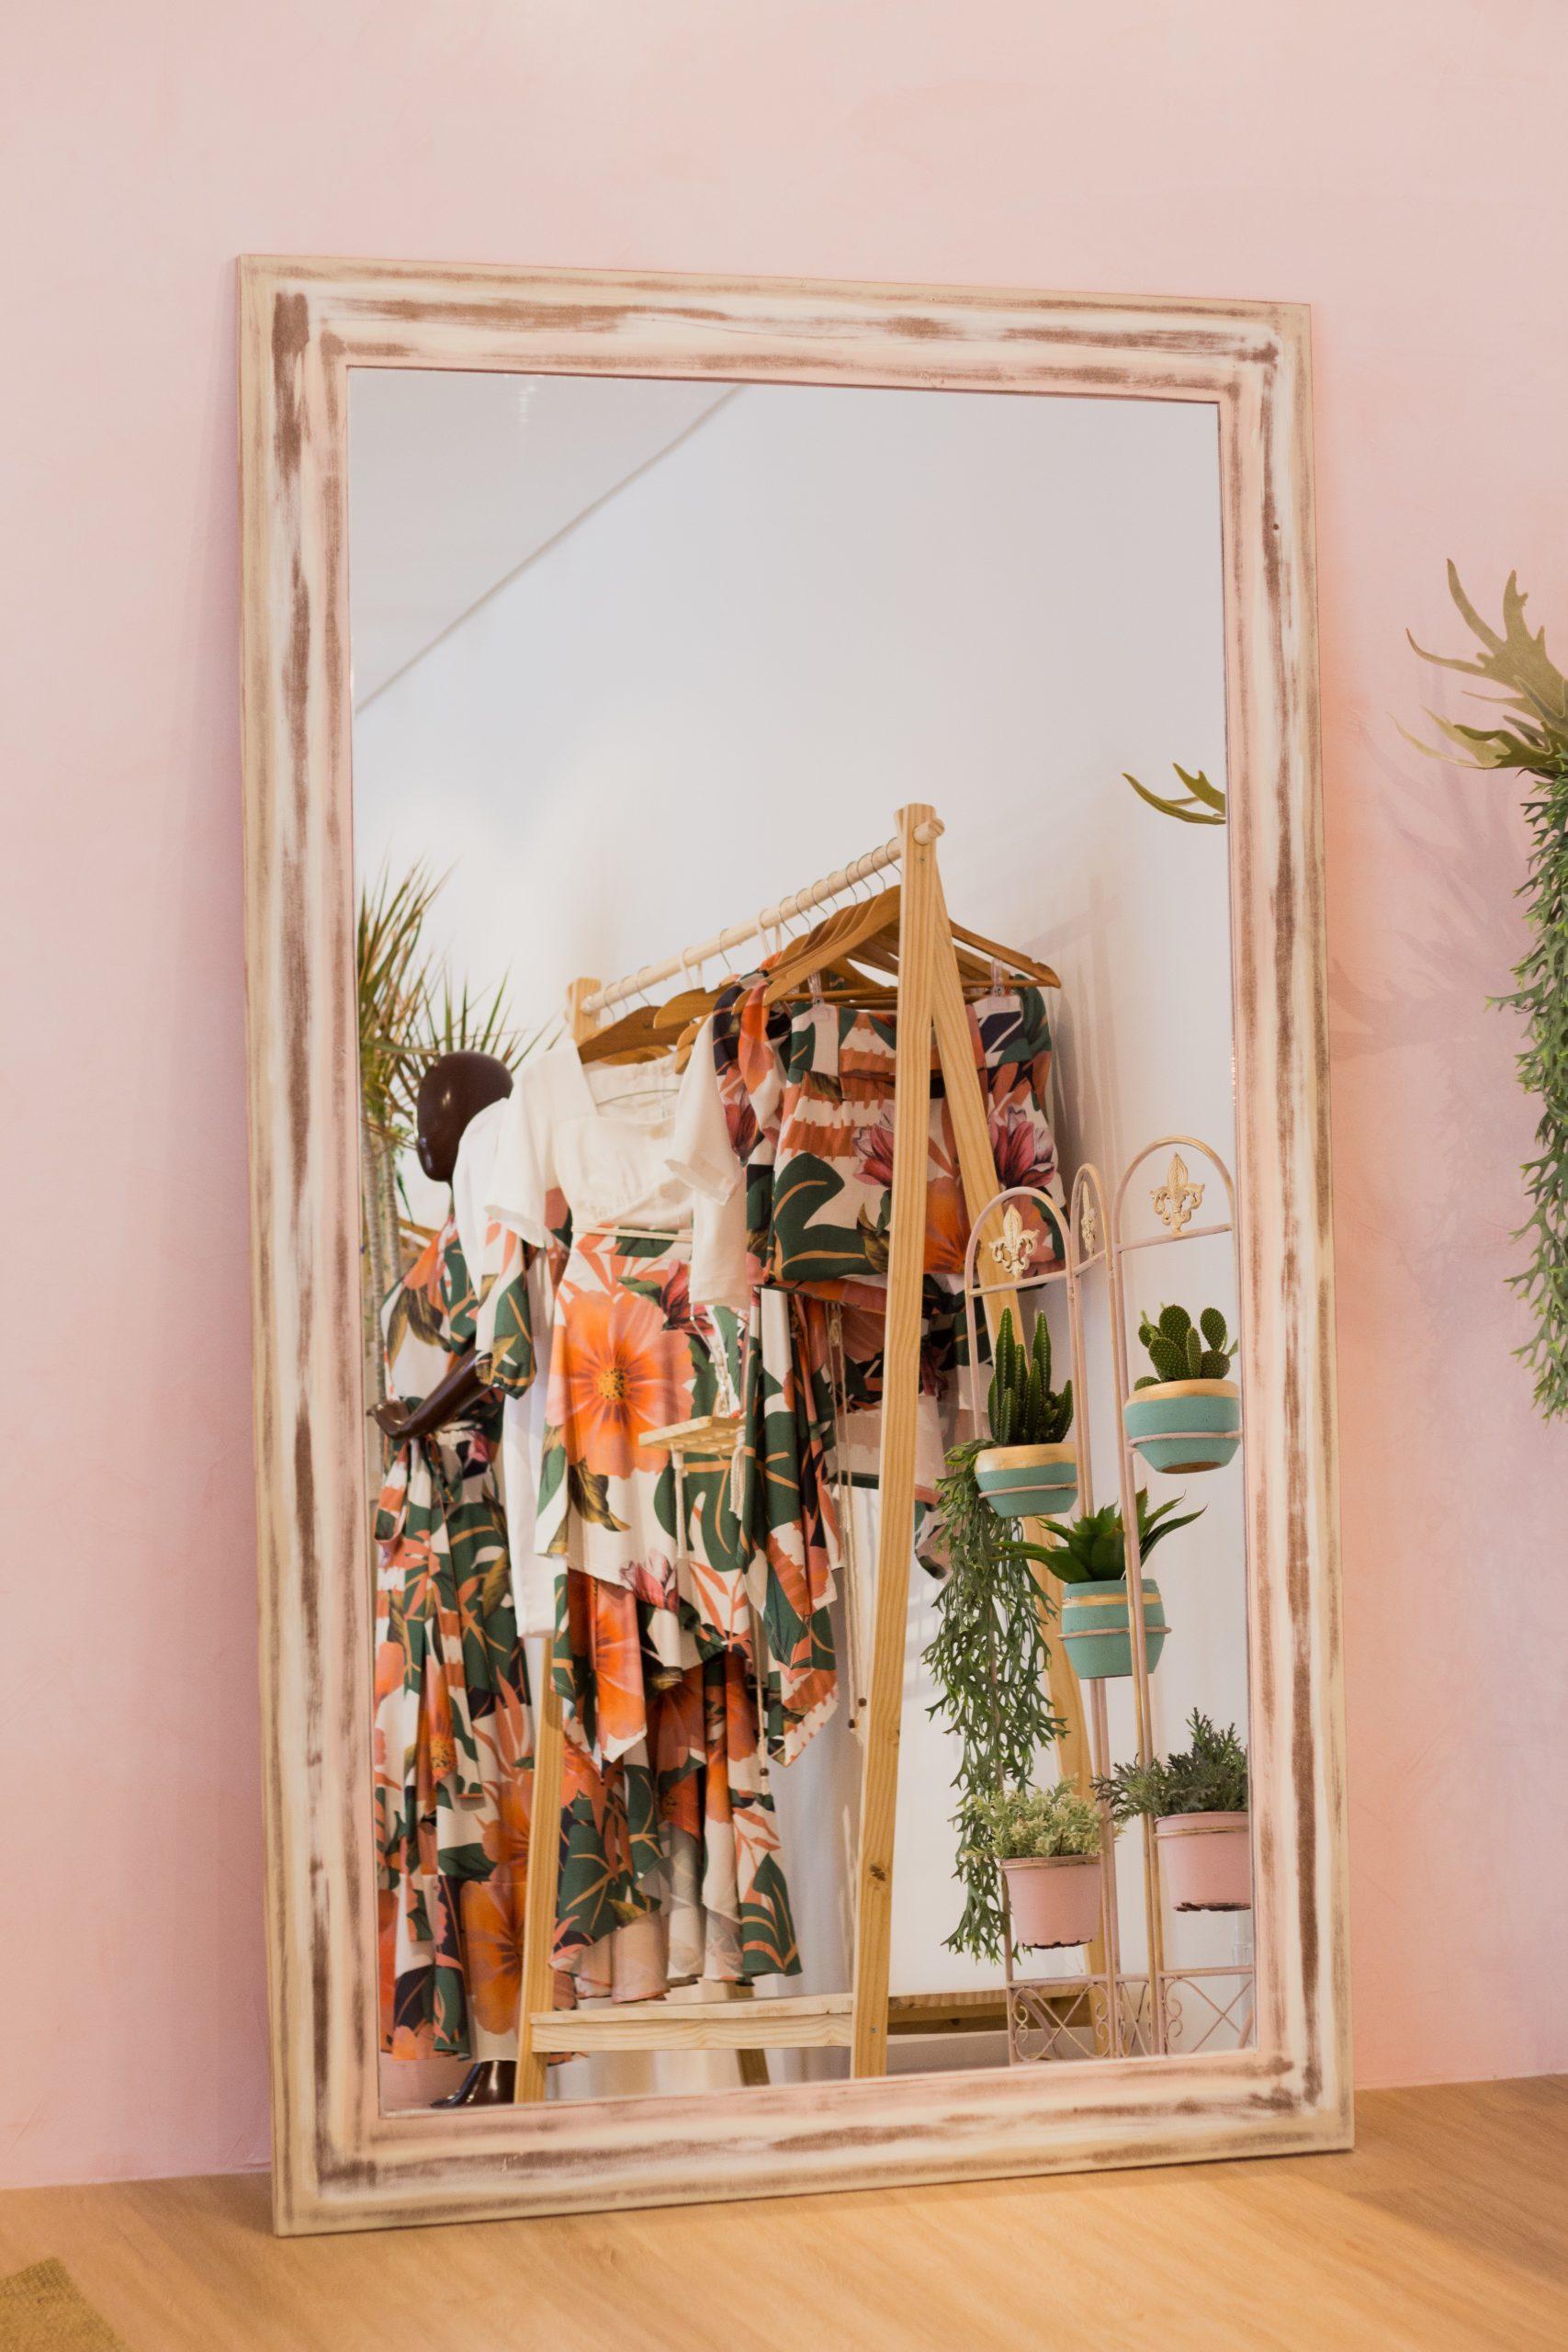 Serviz-Ibérica te ayuda con sus consejos de como colocar las prendas de tu tienda con los mejores diseños de percha proporcionando un look diferente y aportando un incremento de ventas.